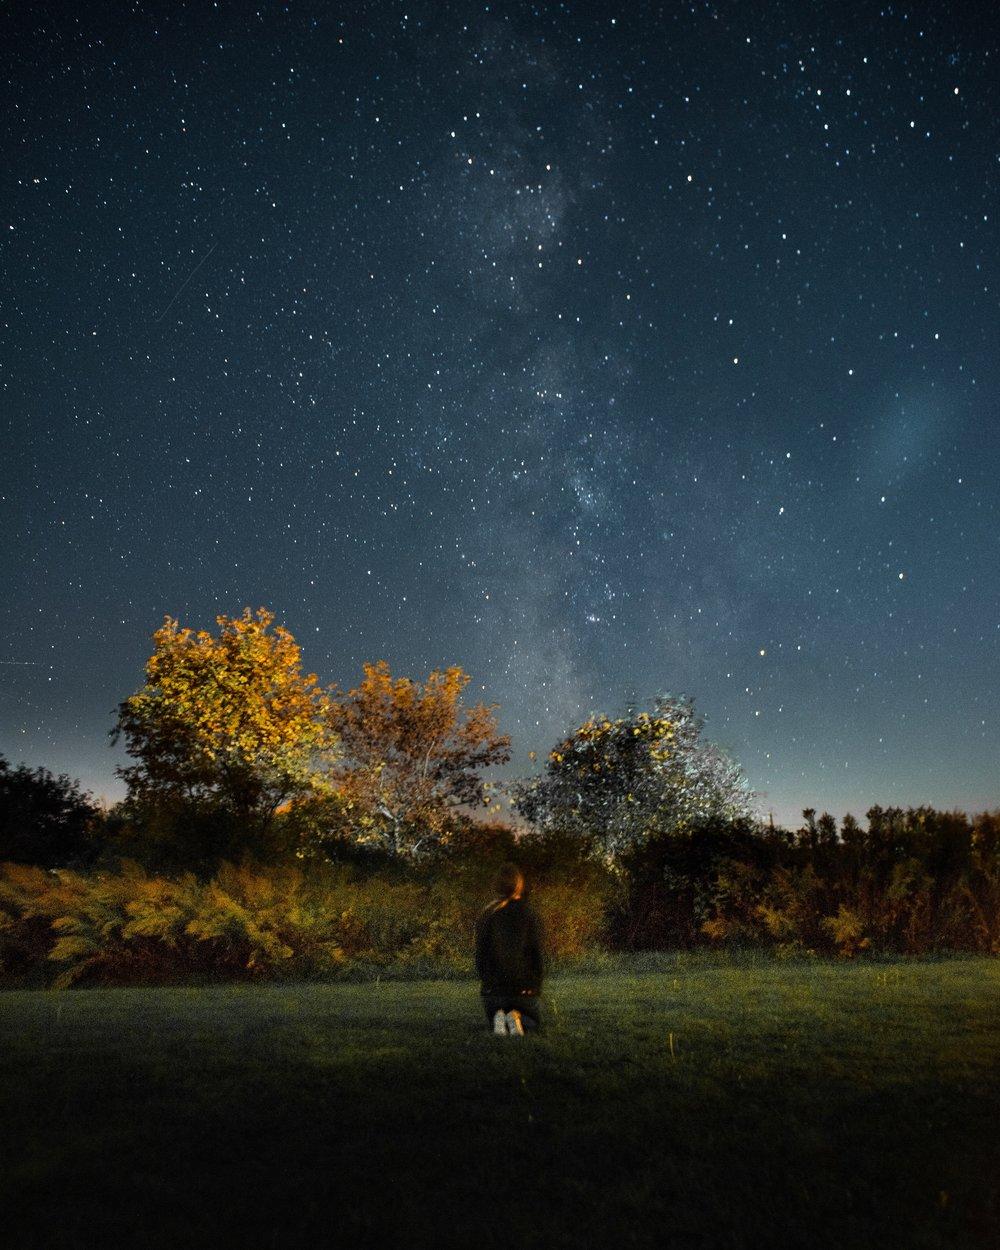 H I G H L I G H T - We magically caught the Milky Way.